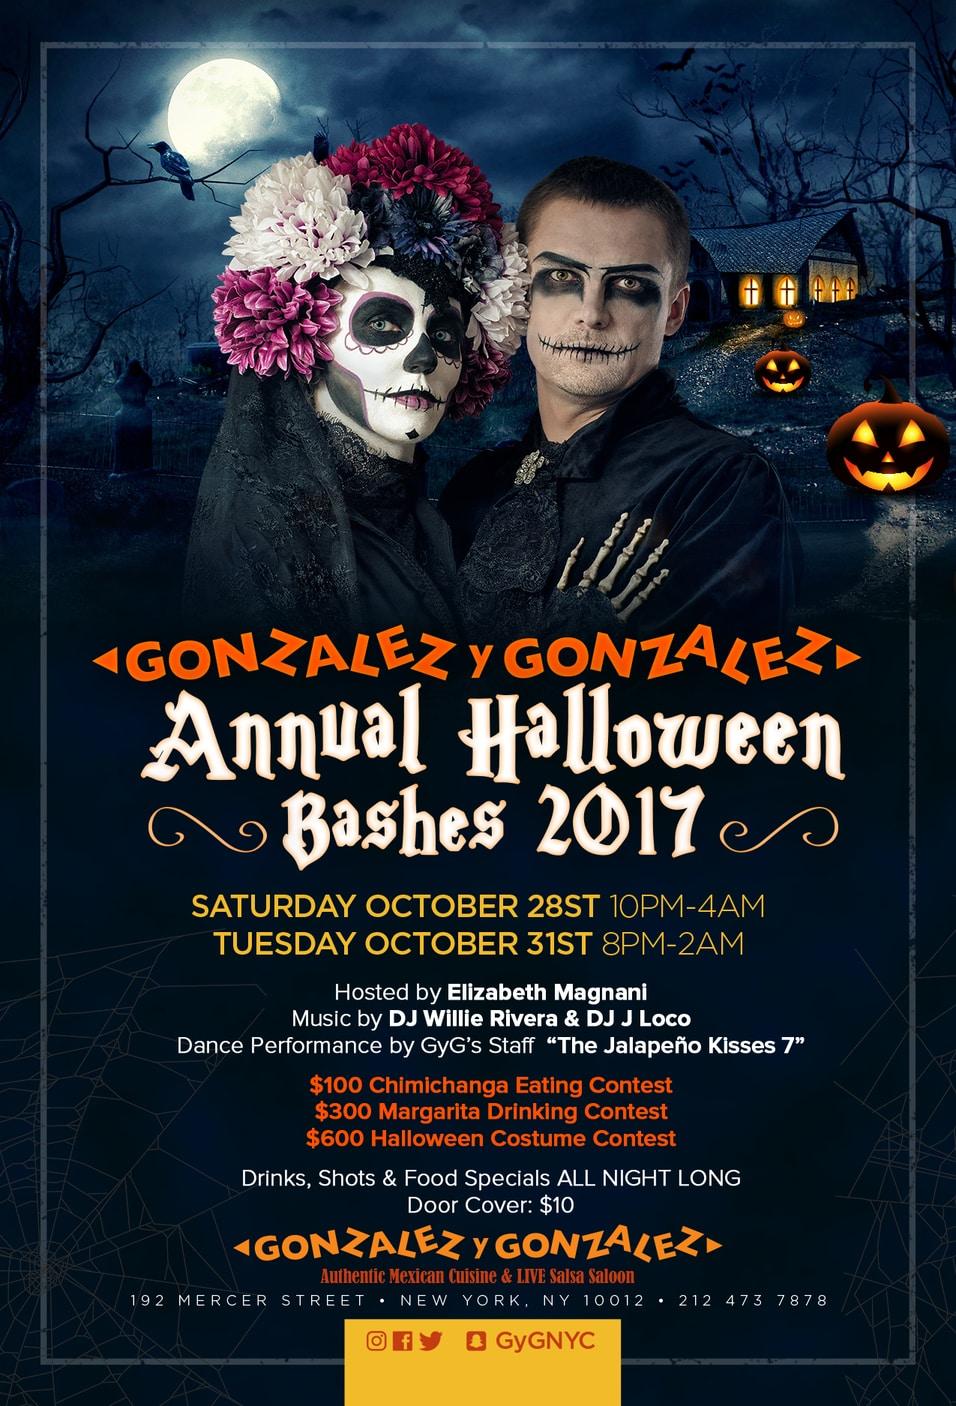 Gonzalez y Gonzalez Annual Halloween Bashes Poster